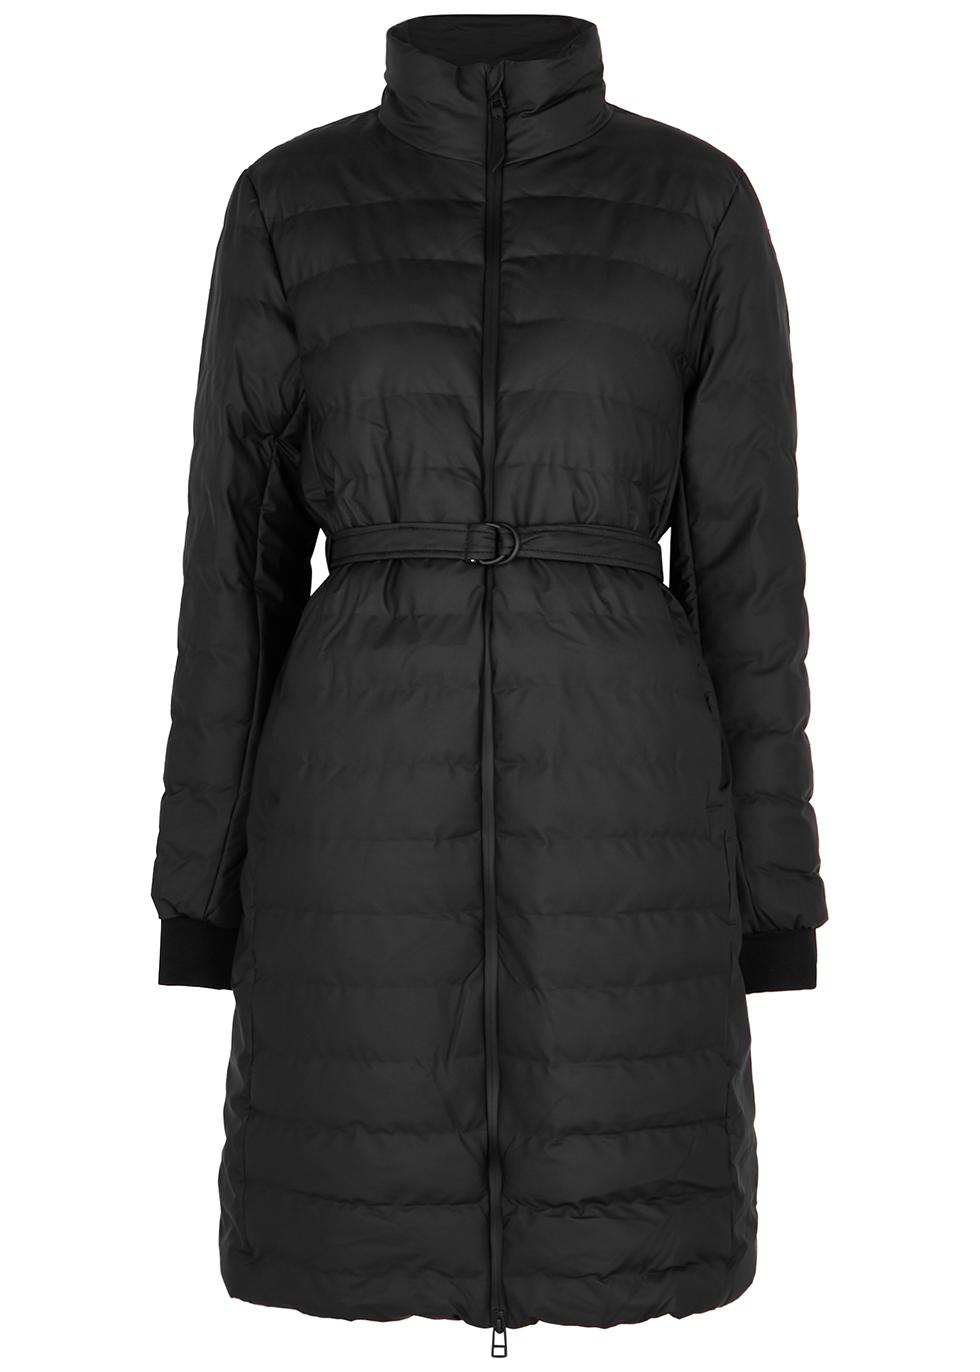 Trekker black rubberised shell coat